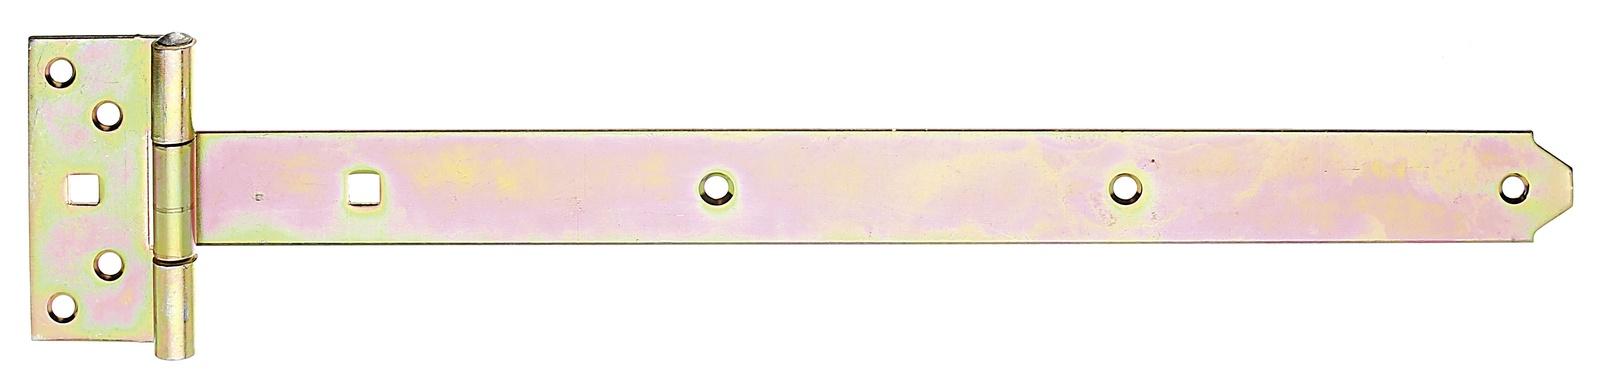 Петля для ворот,Gah Alberts, Т-образная оцинкованная 295x34 мм петля дверная gah alberts 310714